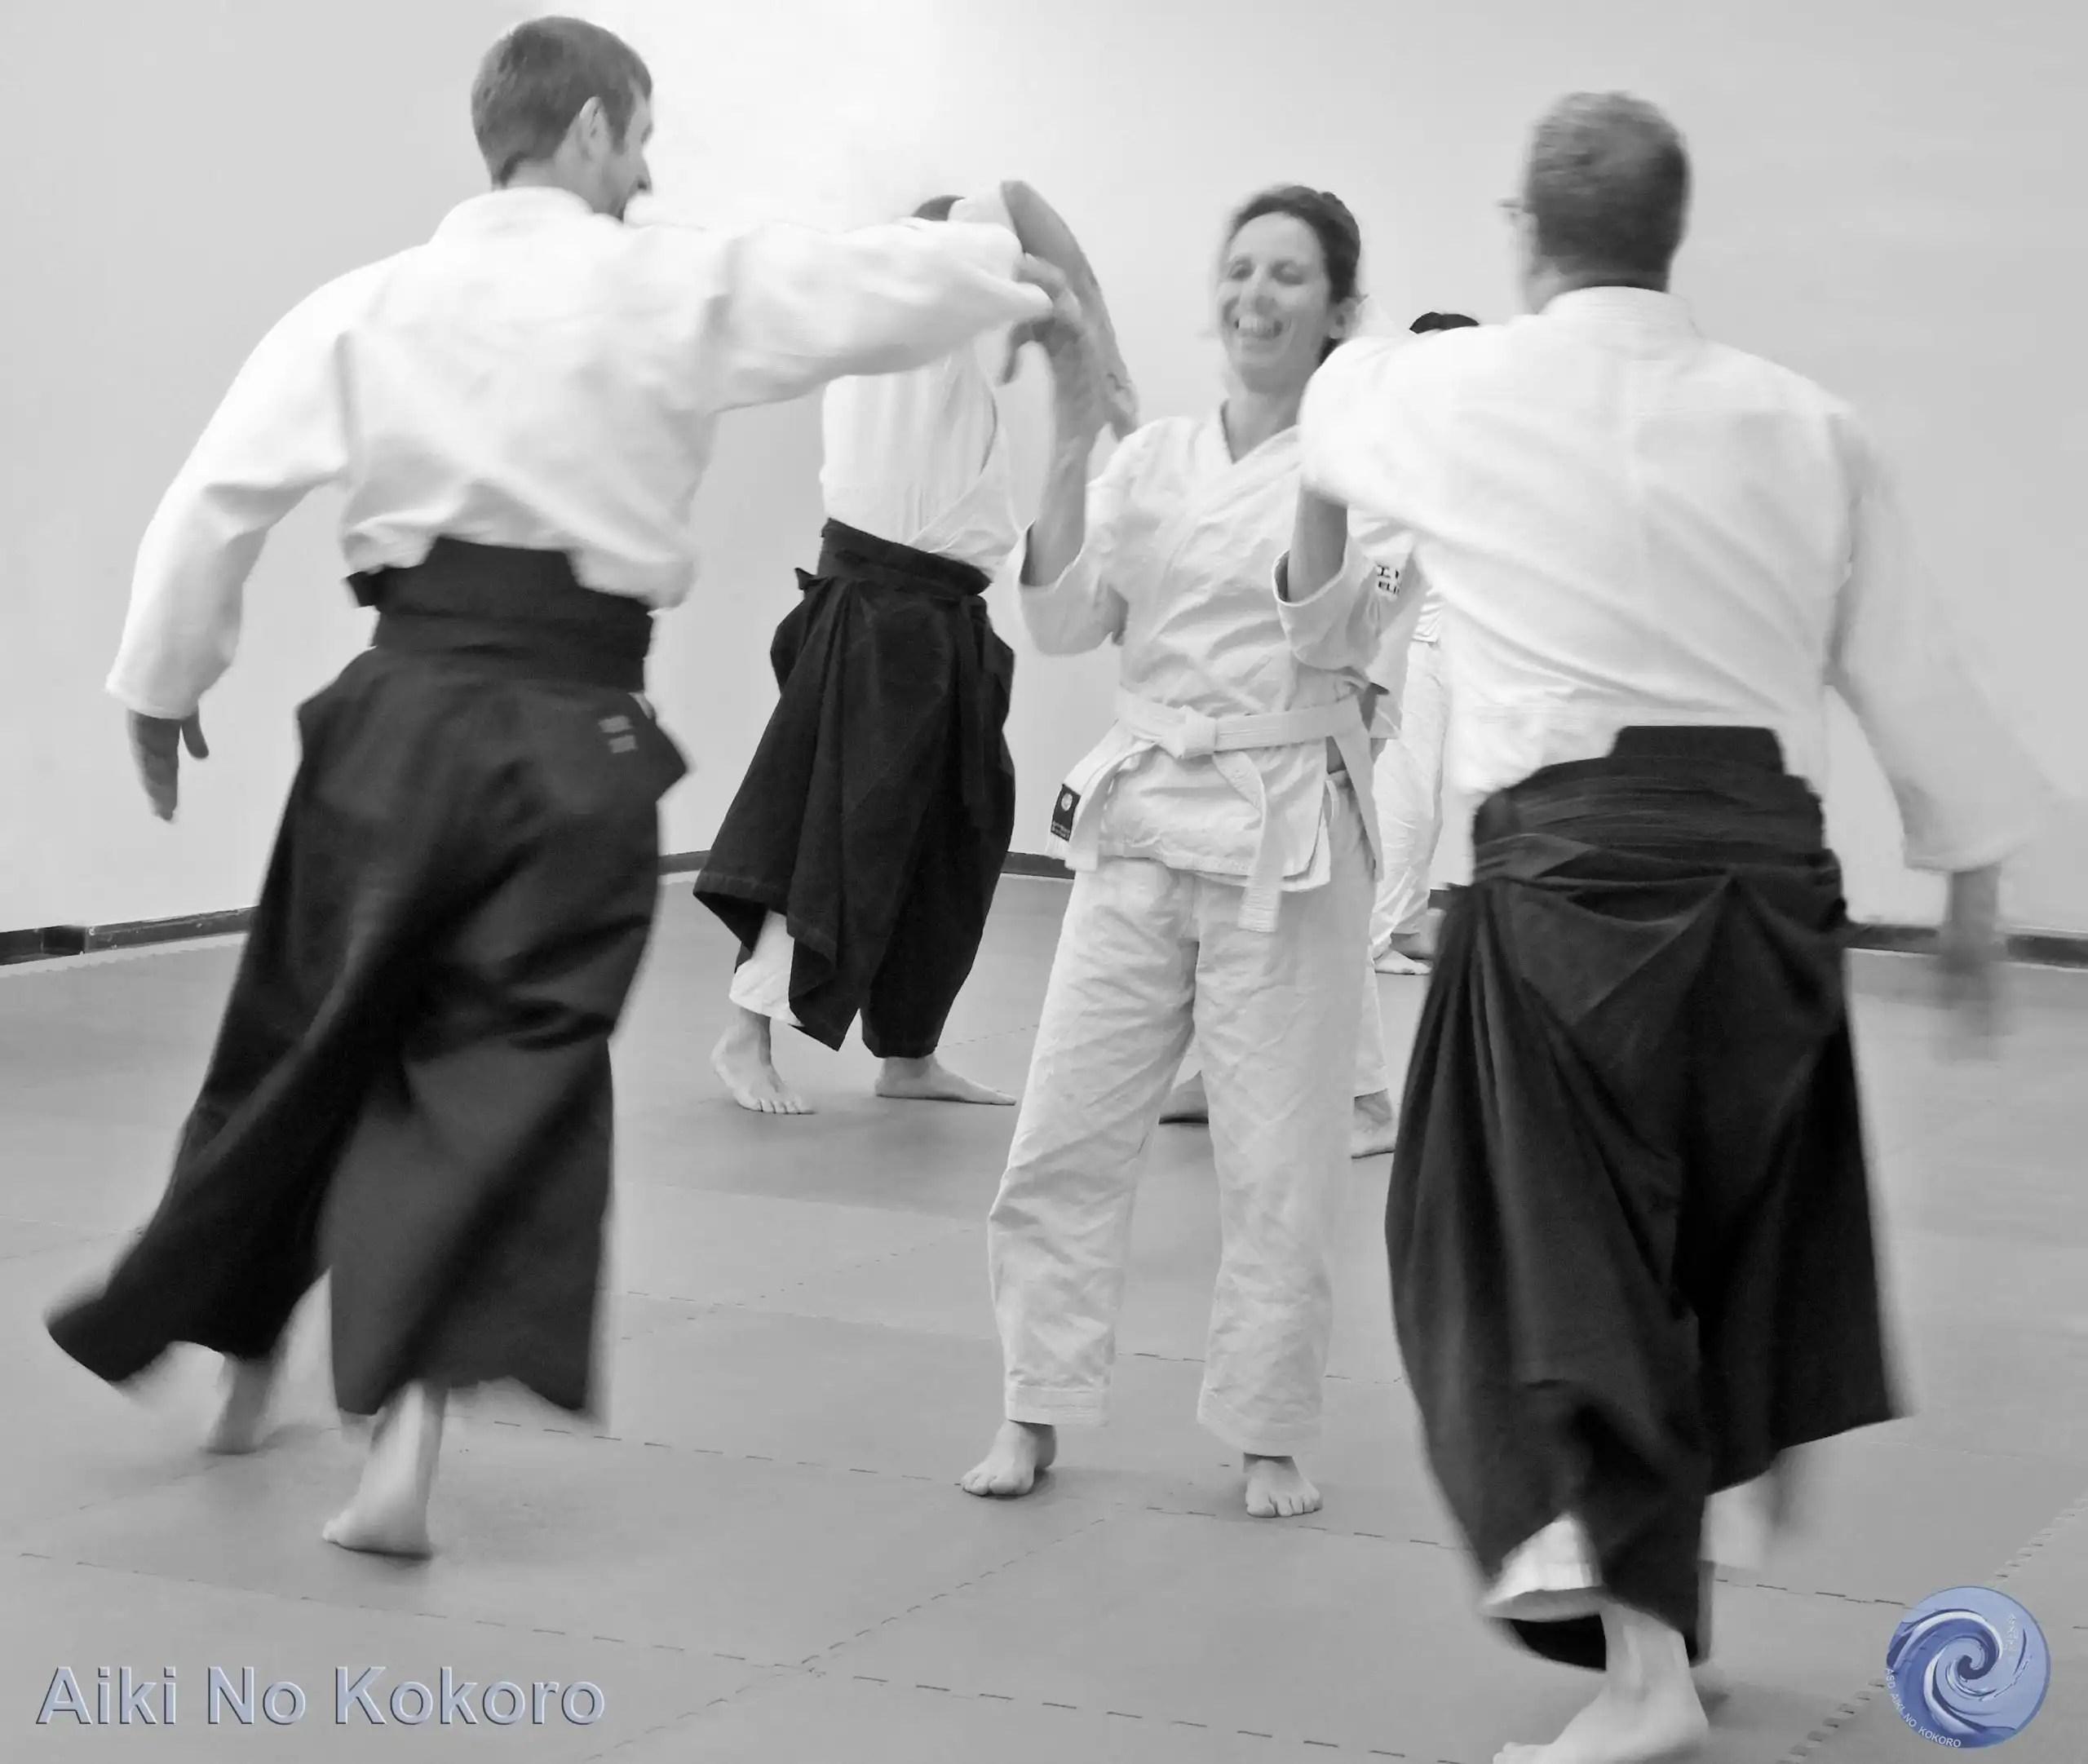 Aikido praticare con gioia, Aiki No Kokoro Boves, Scuola di Aikido Cuneo